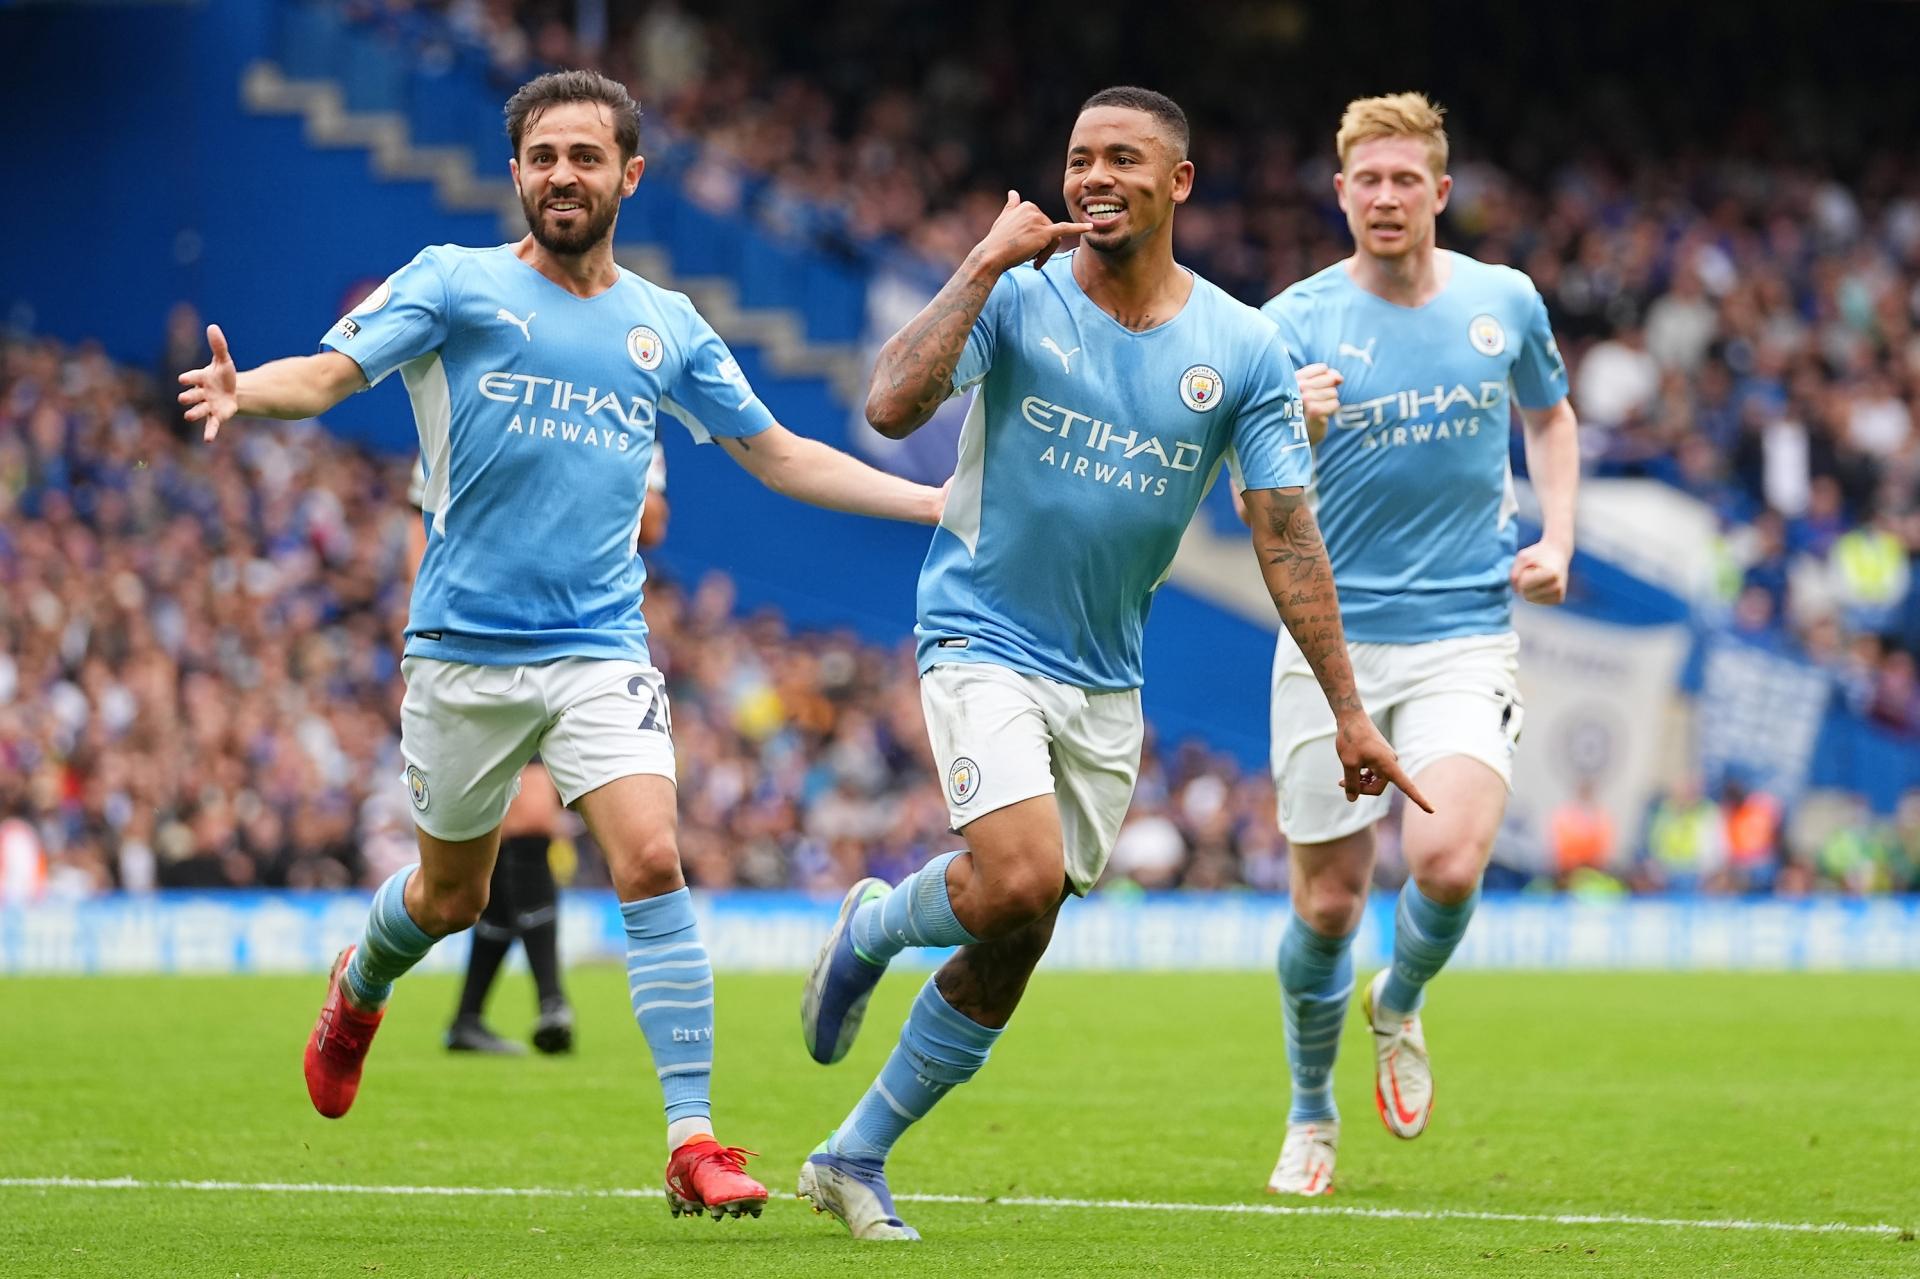 Kết quả Chelsea vs Man City: 'Đánh sập' Stamford Bridge, Pep 'rửa hận' chung kết Champions League 2